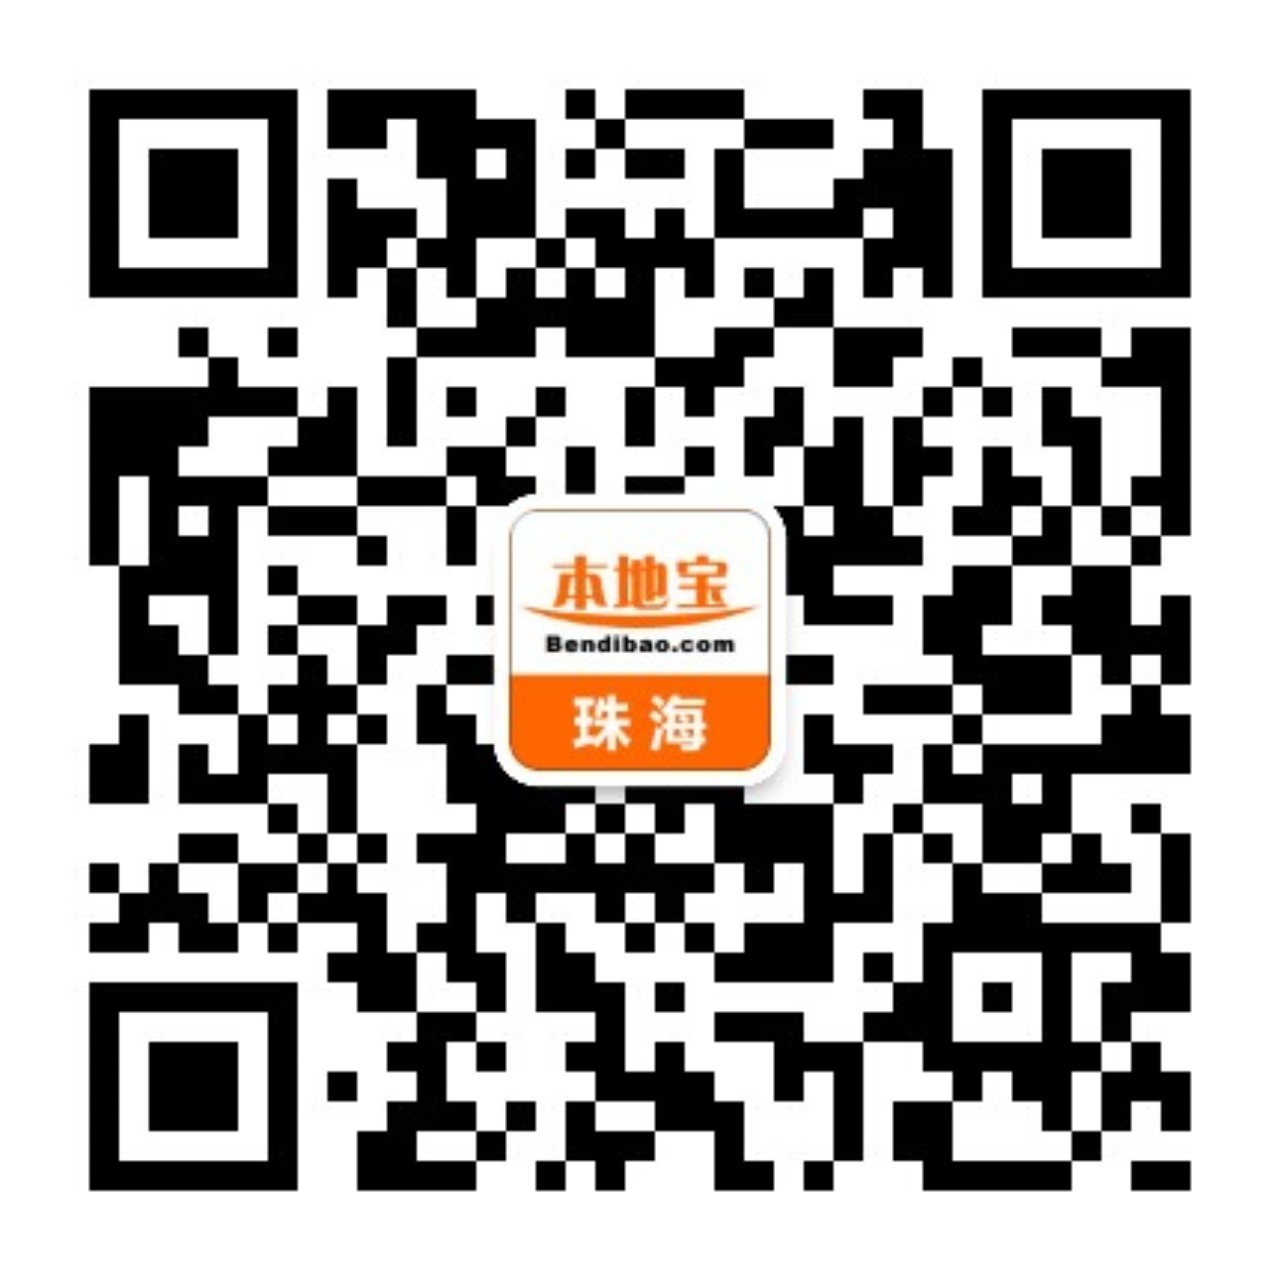 重庆江北机场微信购票